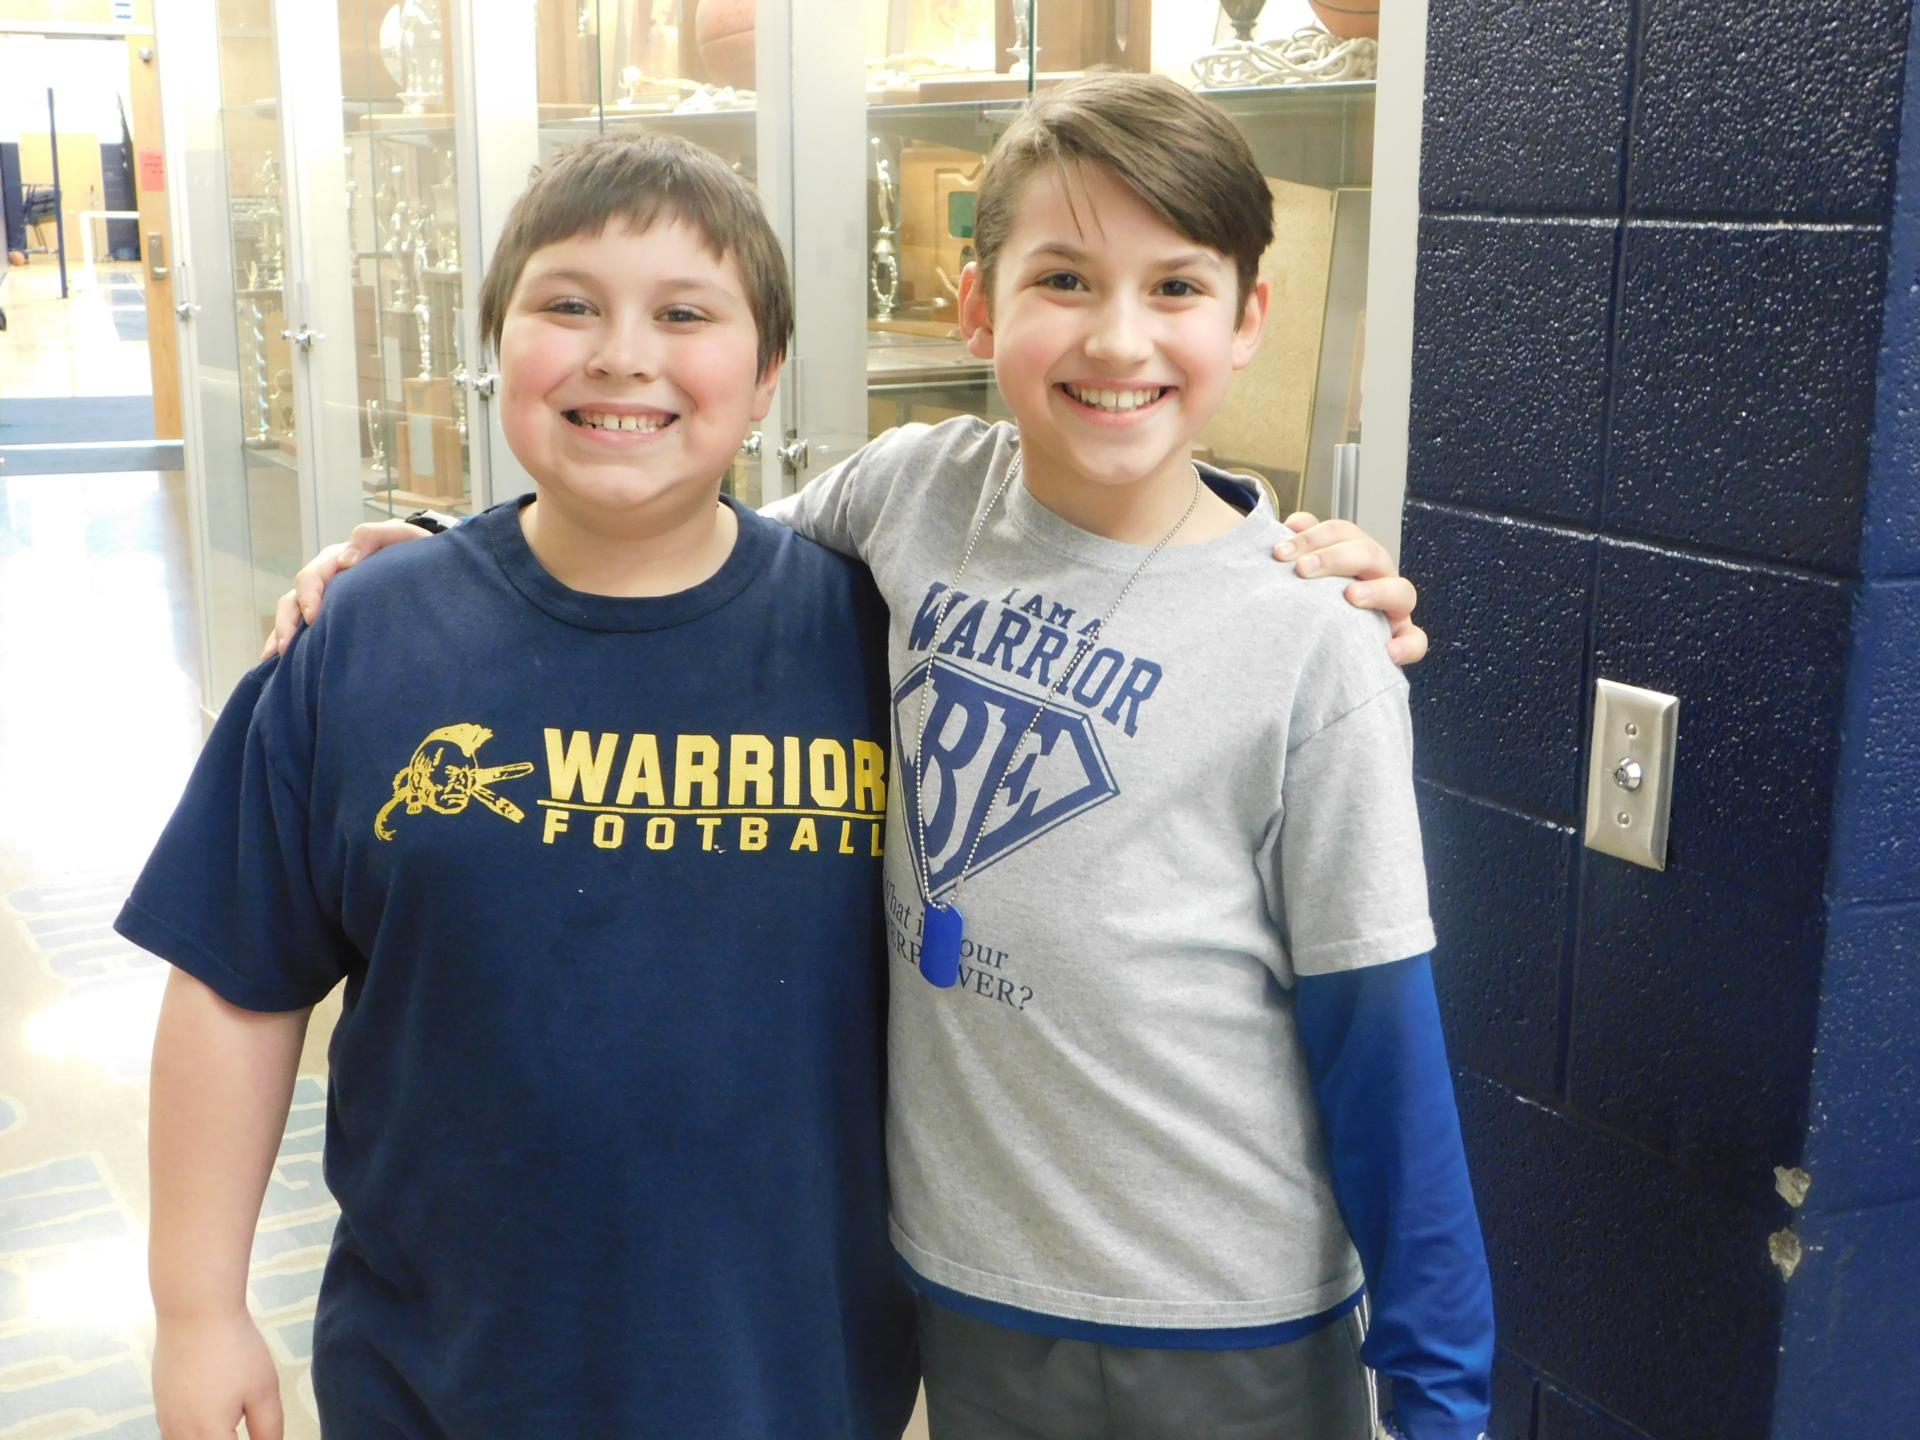 students in warrior wear